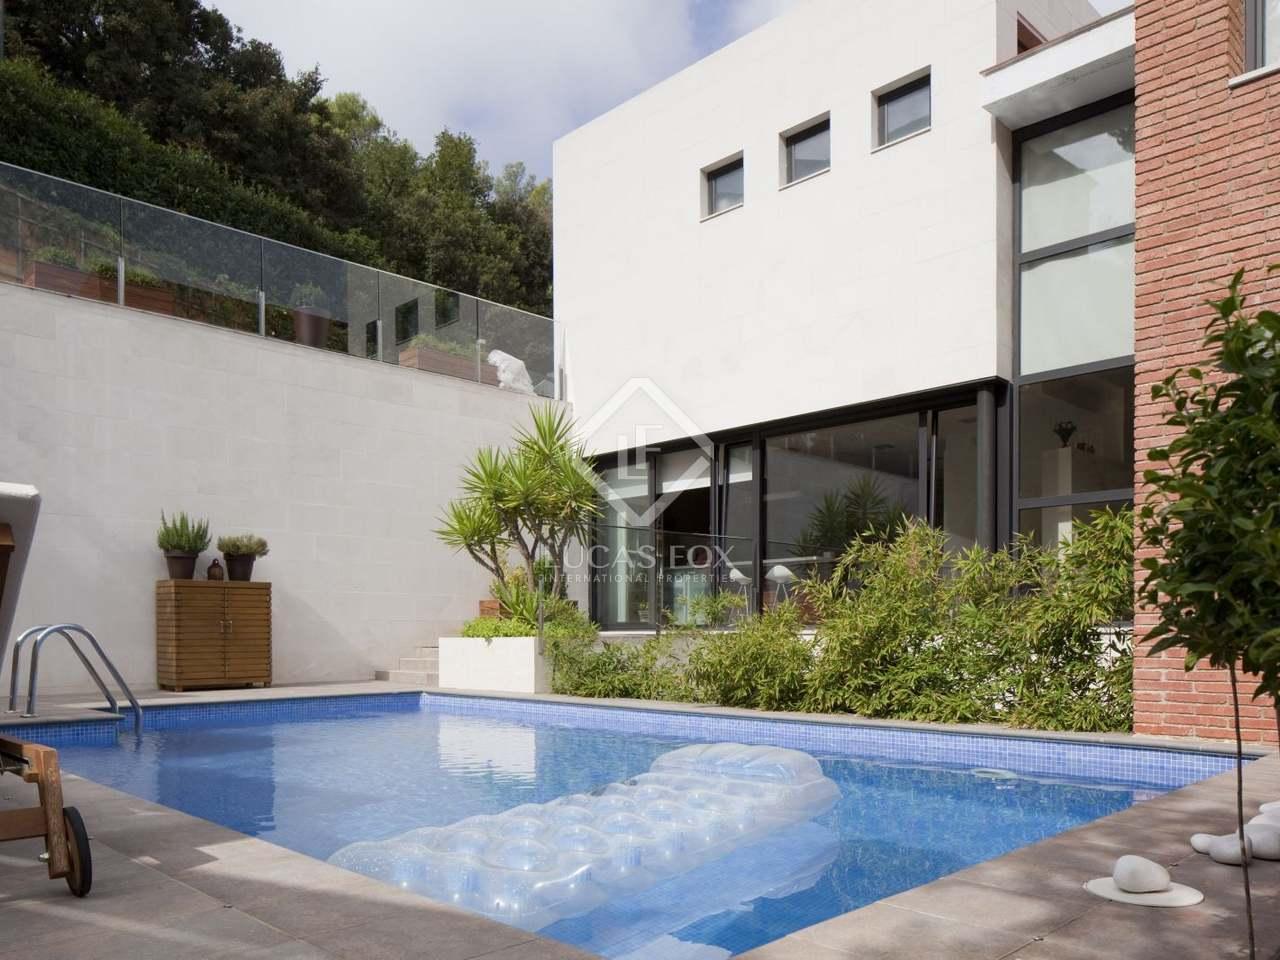 Casa moderna en alquiler en el parque natural de collserola for Casa con jardin alquiler barcelona